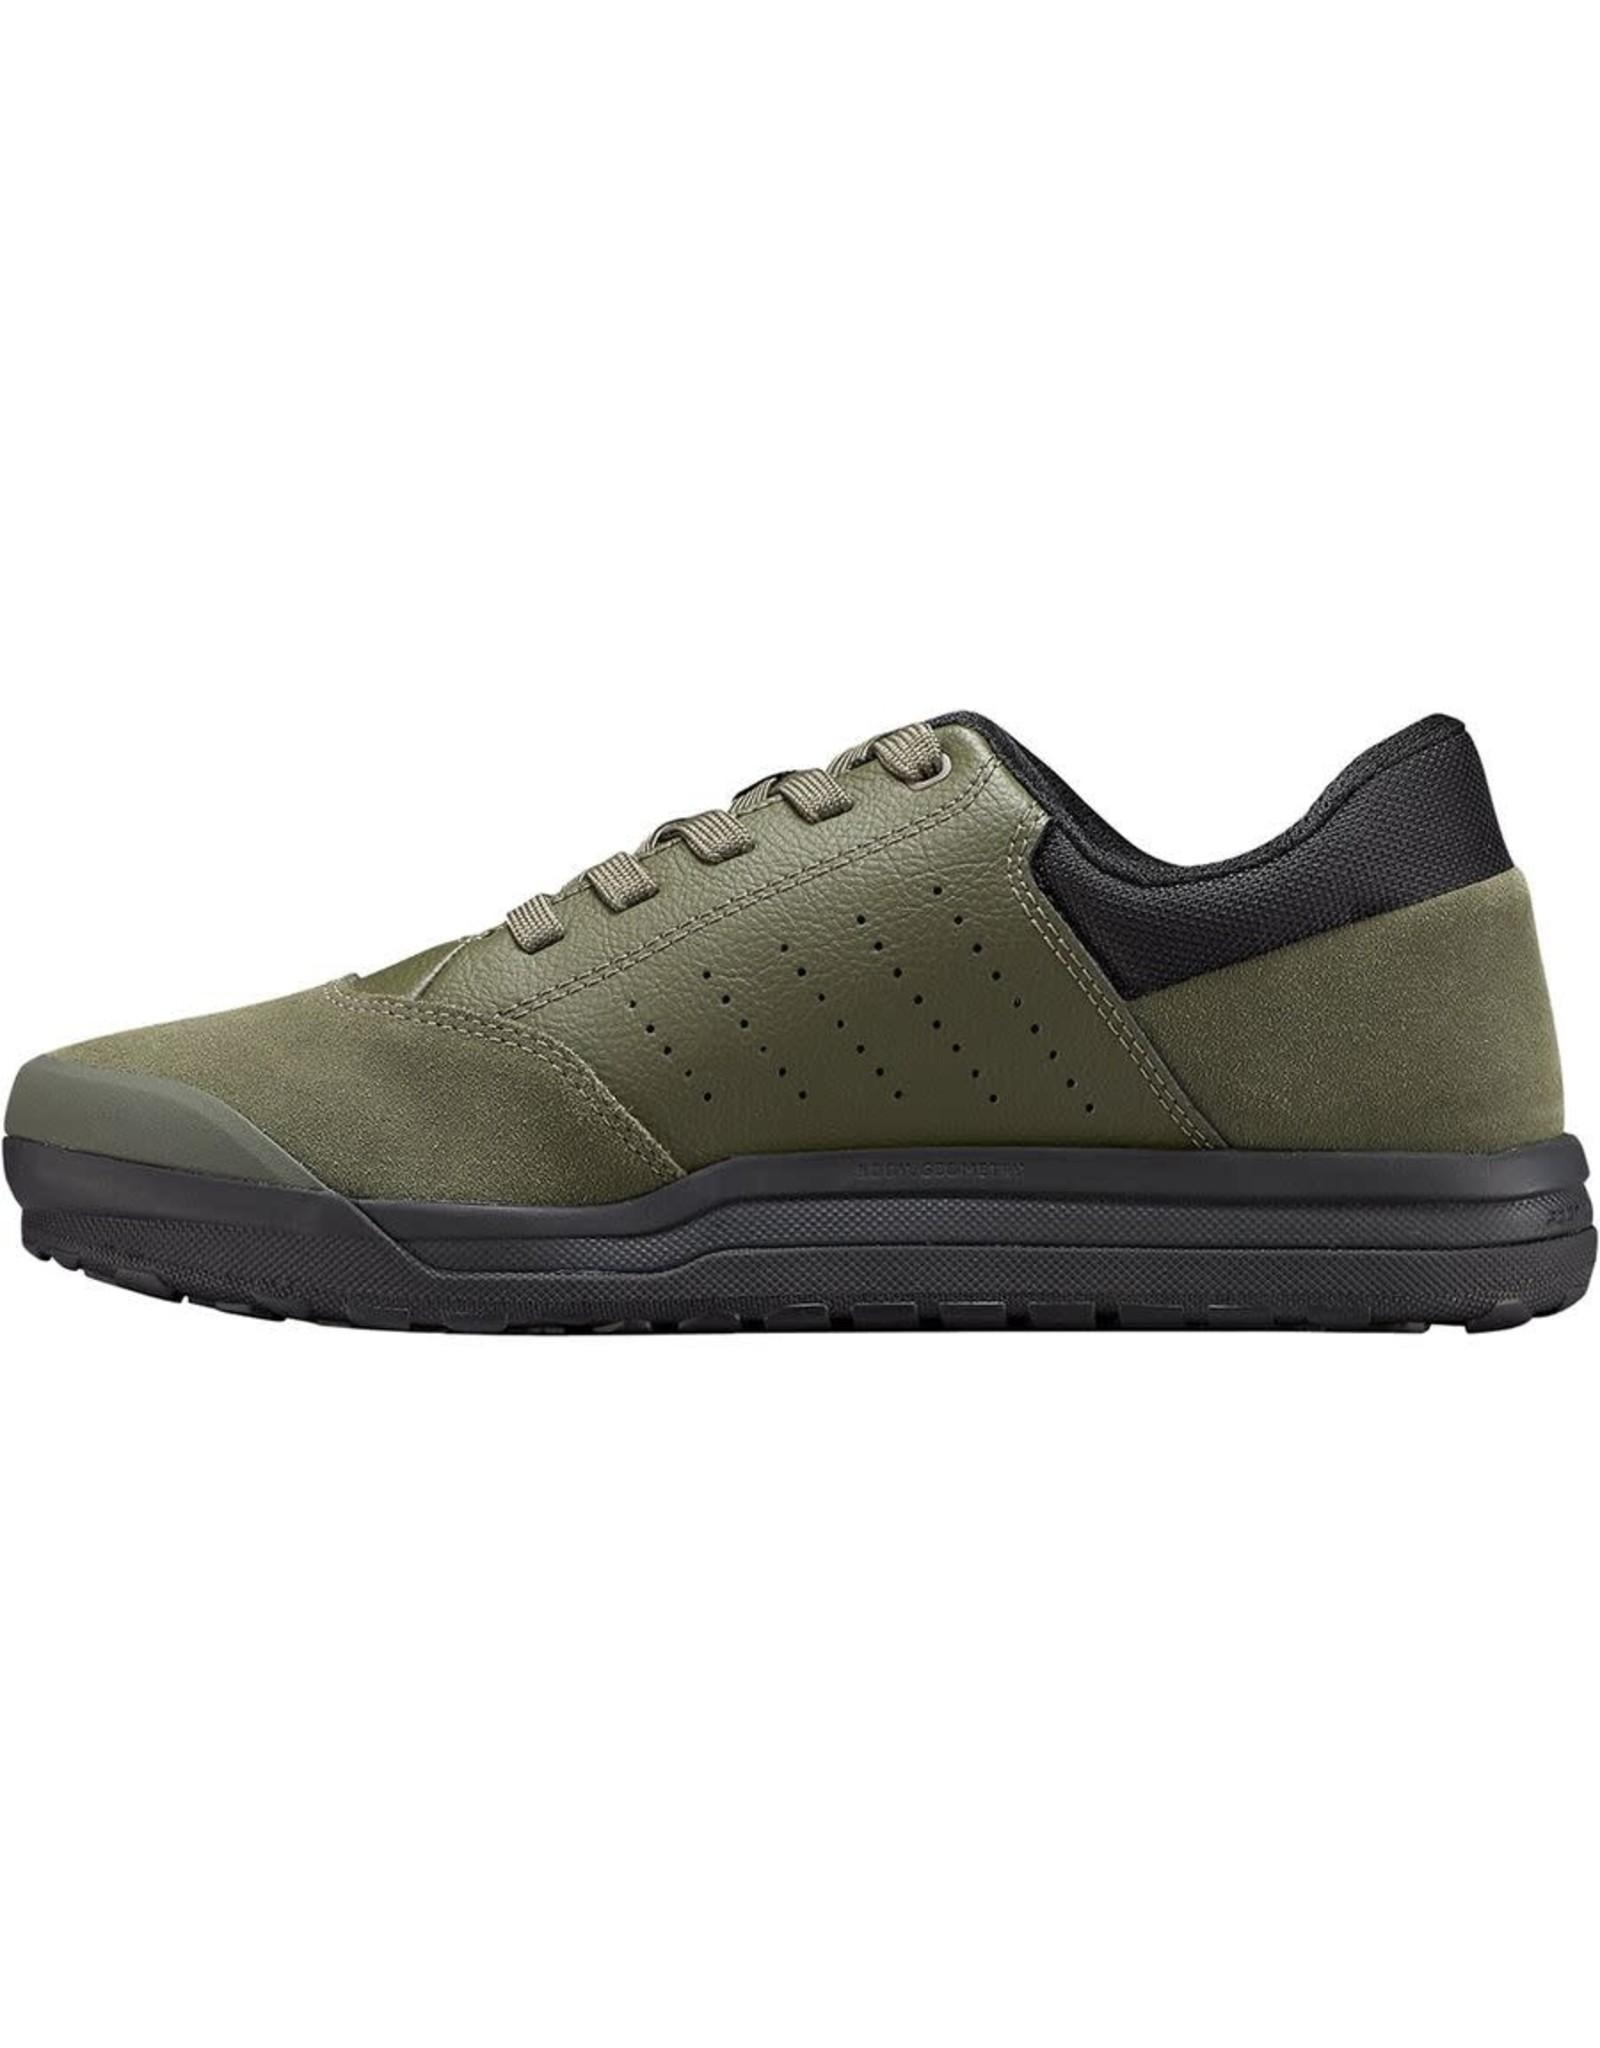 Specialized Shoe Spec 2FO Roost Flat OakGrn 46